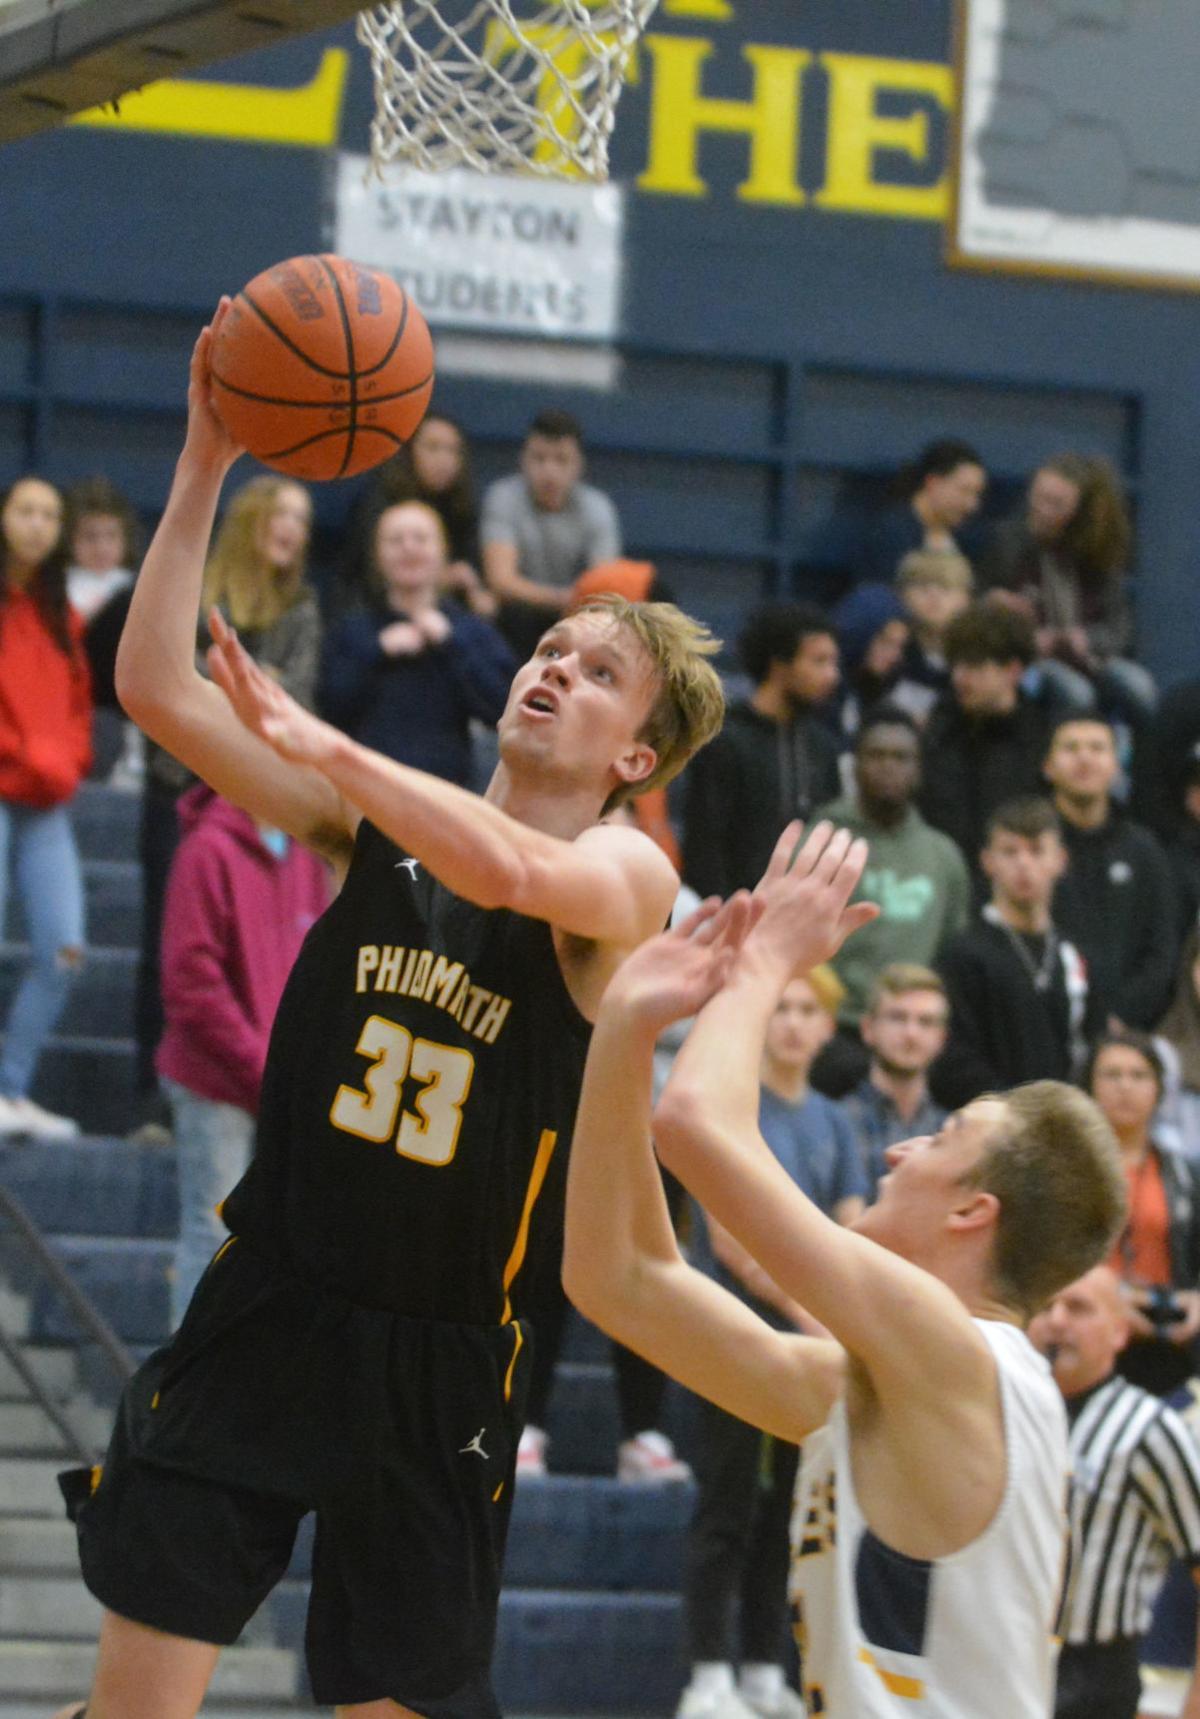 PHS boys basketball: Dylan Bennett